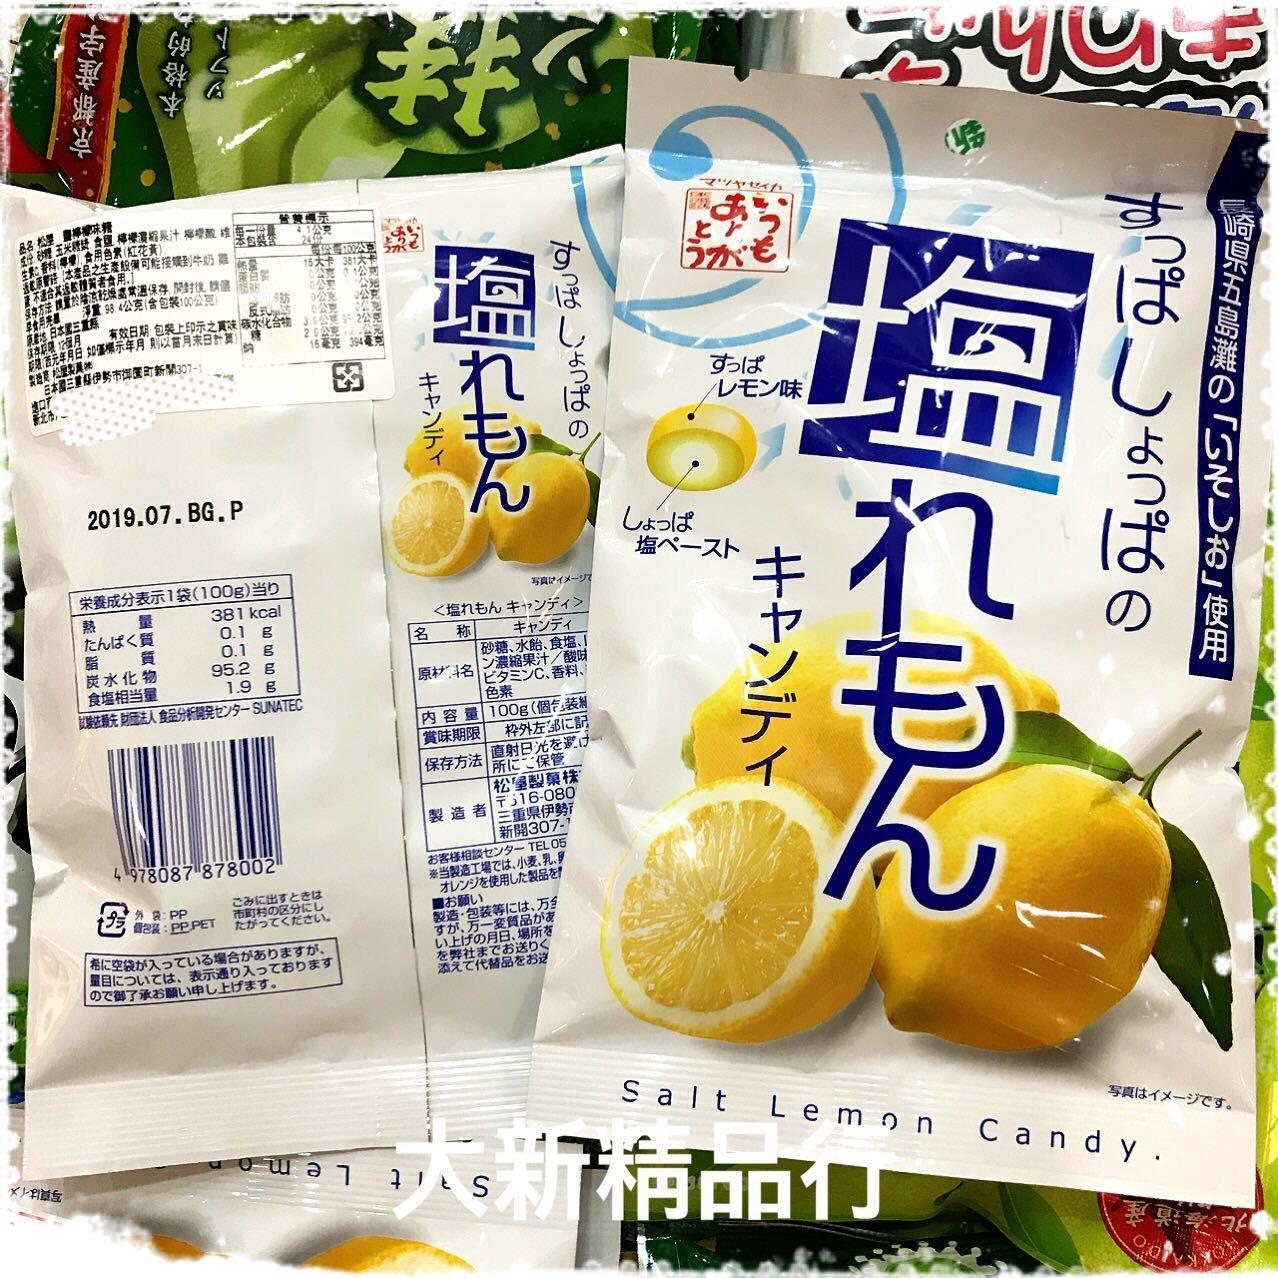 [三鳳中街]日本進原裝進口 松屋 鹽檸檬糖果 / 檸檬塩糖 熱銷商品